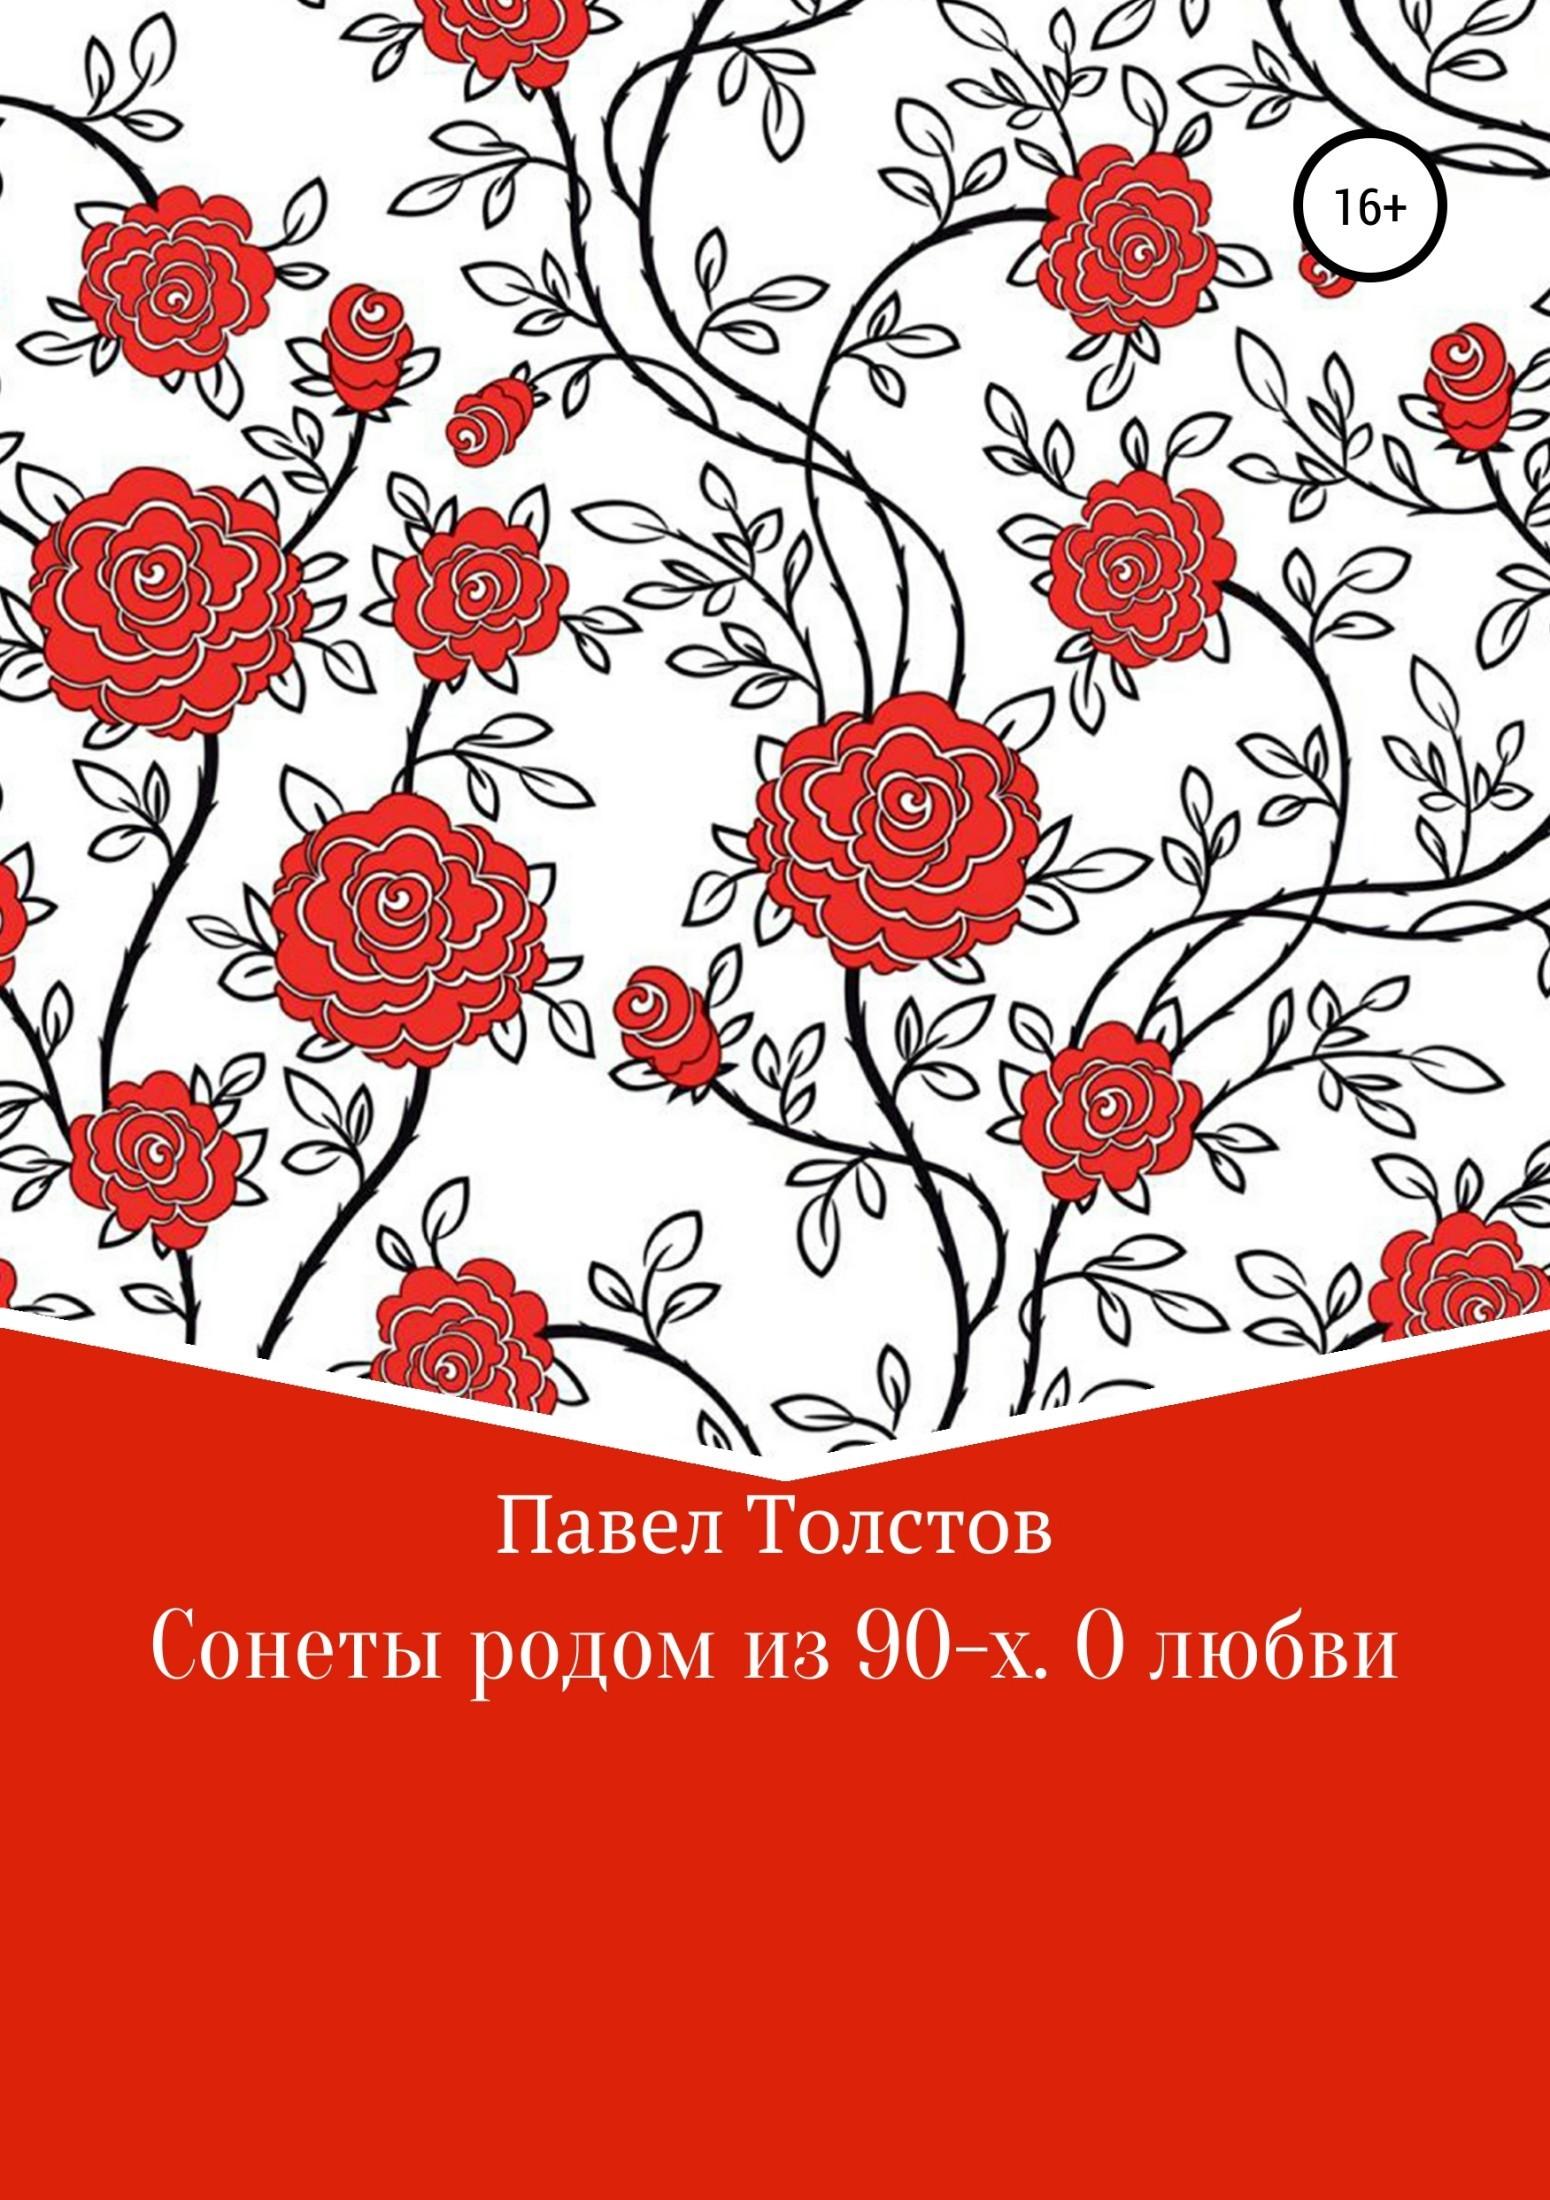 Павел Владимирович Толстов Сонеты родом из 90-х. О любви любовь полякова стихи в стиле рок